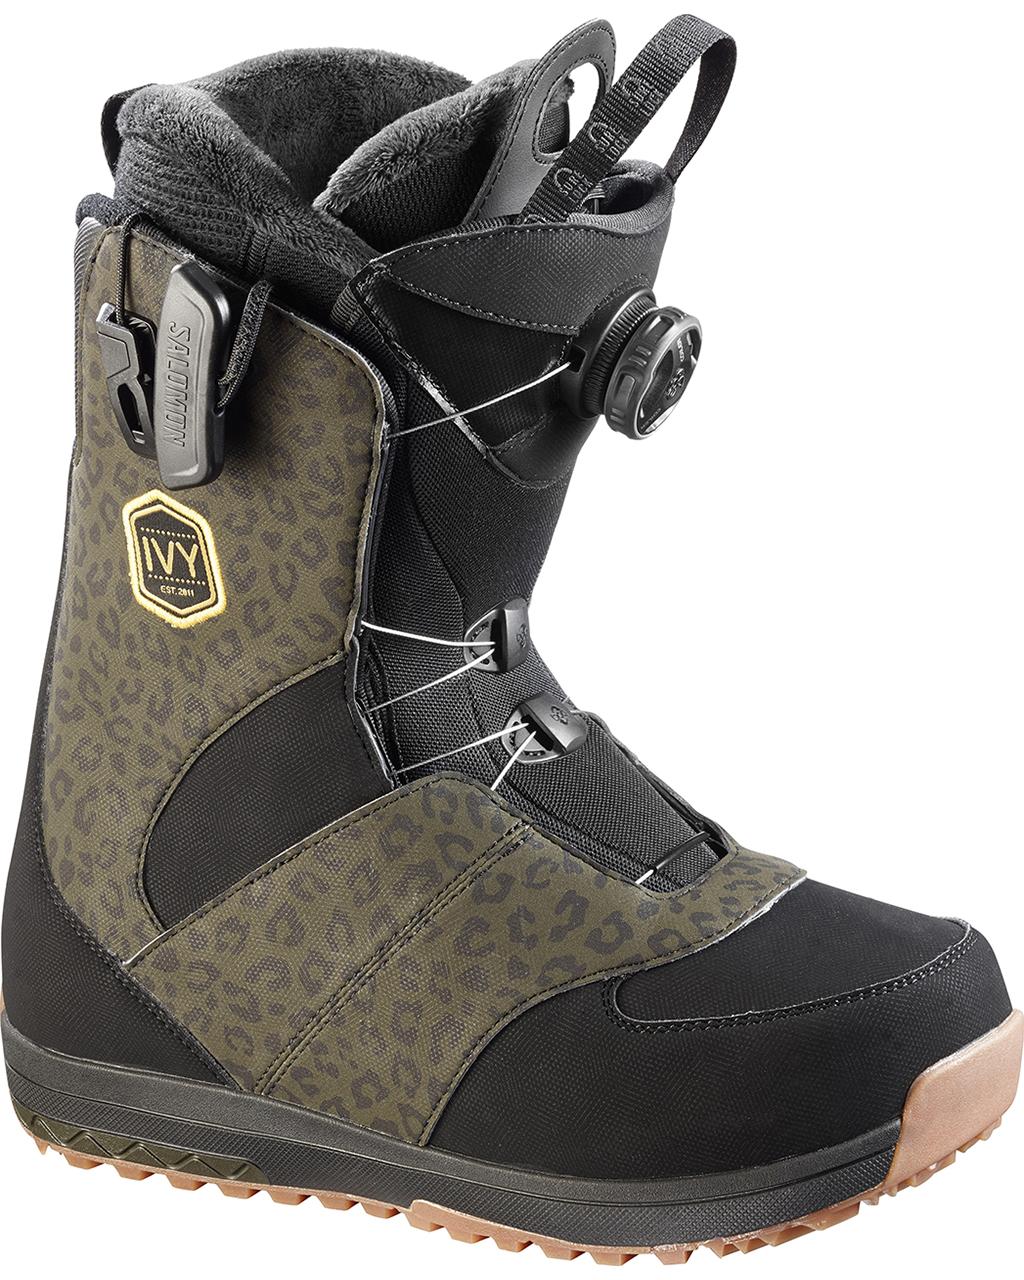 Salomon Chaussures de ski Ivy Boa Sj Boots Snowboard Femme Confortable À Vendre Jeu Moins Cher En Ligne Pas Cher Officiel Vente La Vente En Ligne Meilleur Prix BCgiVLF1U